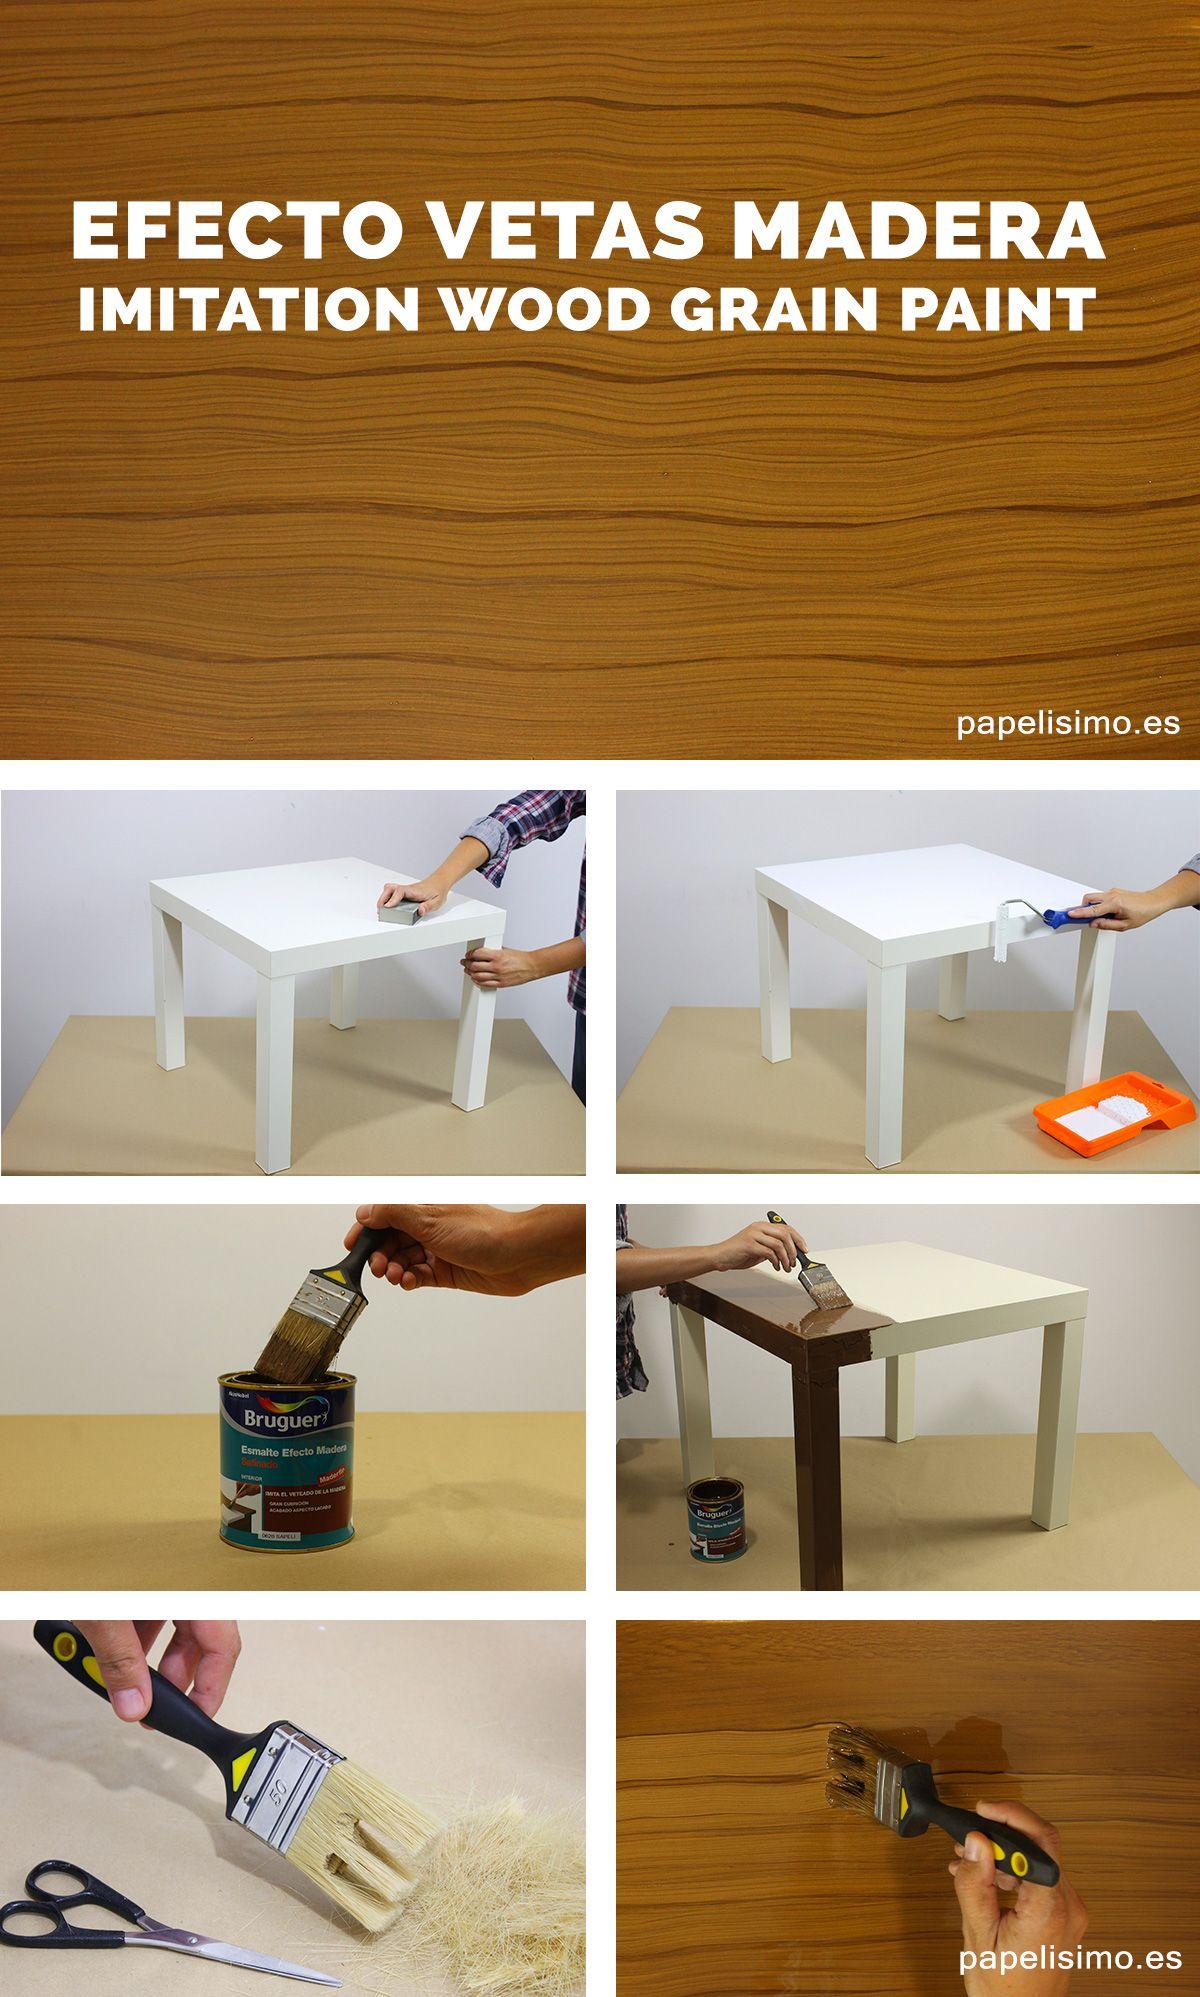 Imitar Efecto Vetas De Madera Imitation Wood Grain Paint  # Muebles Efecto Lavado